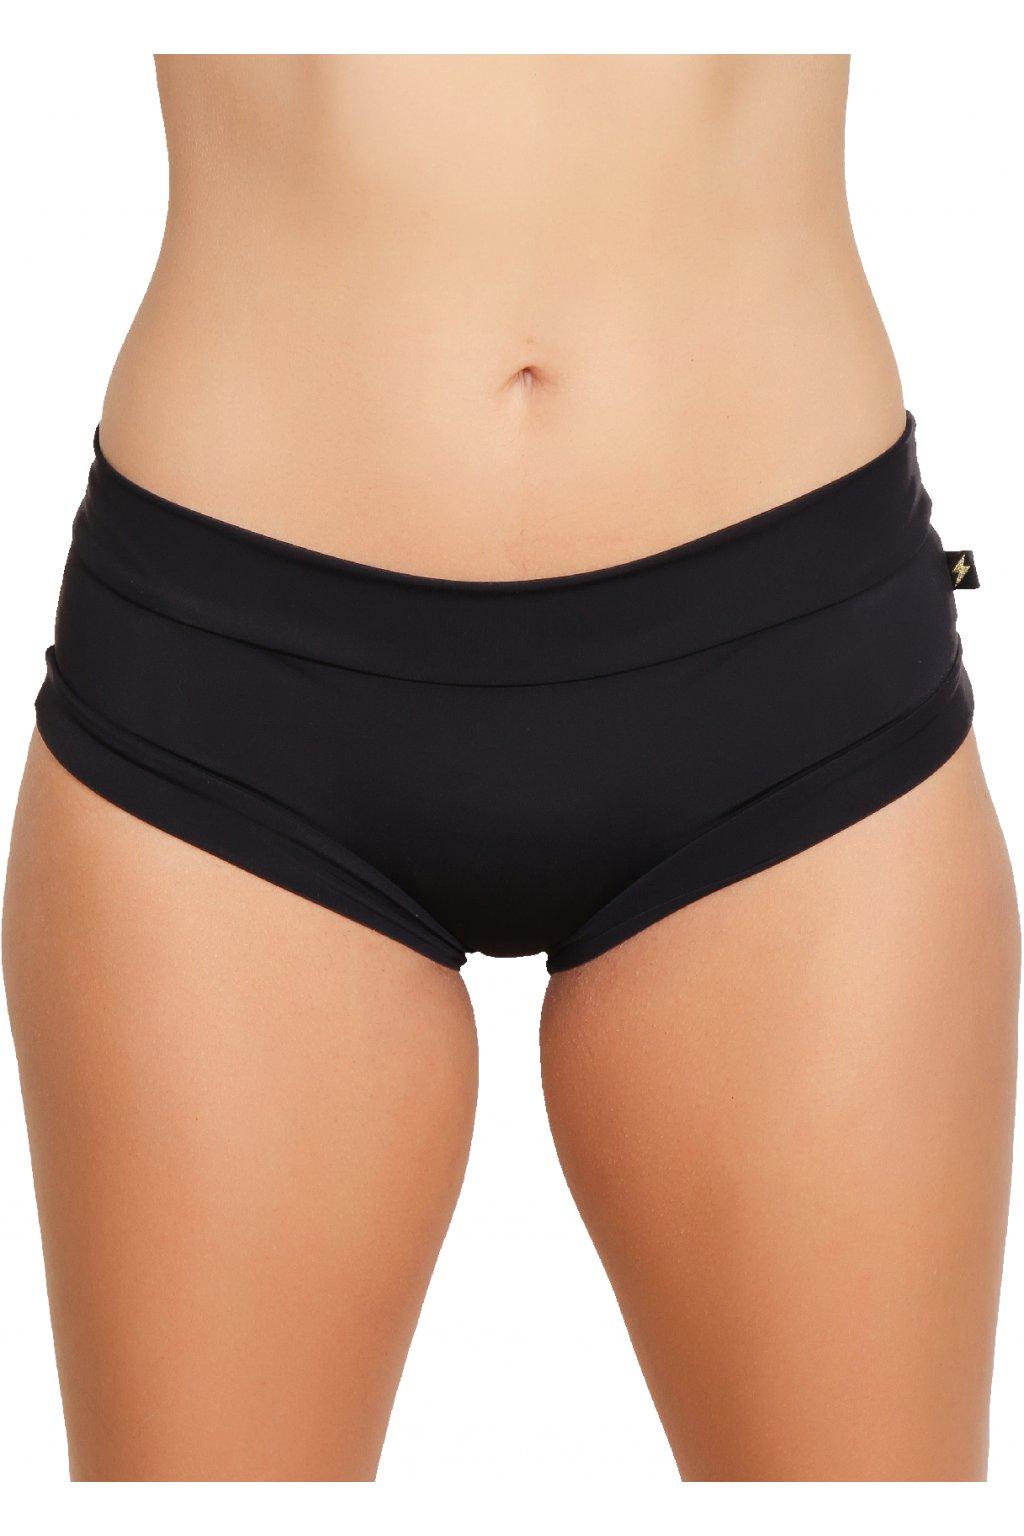 Šortky Hot Pants čierne